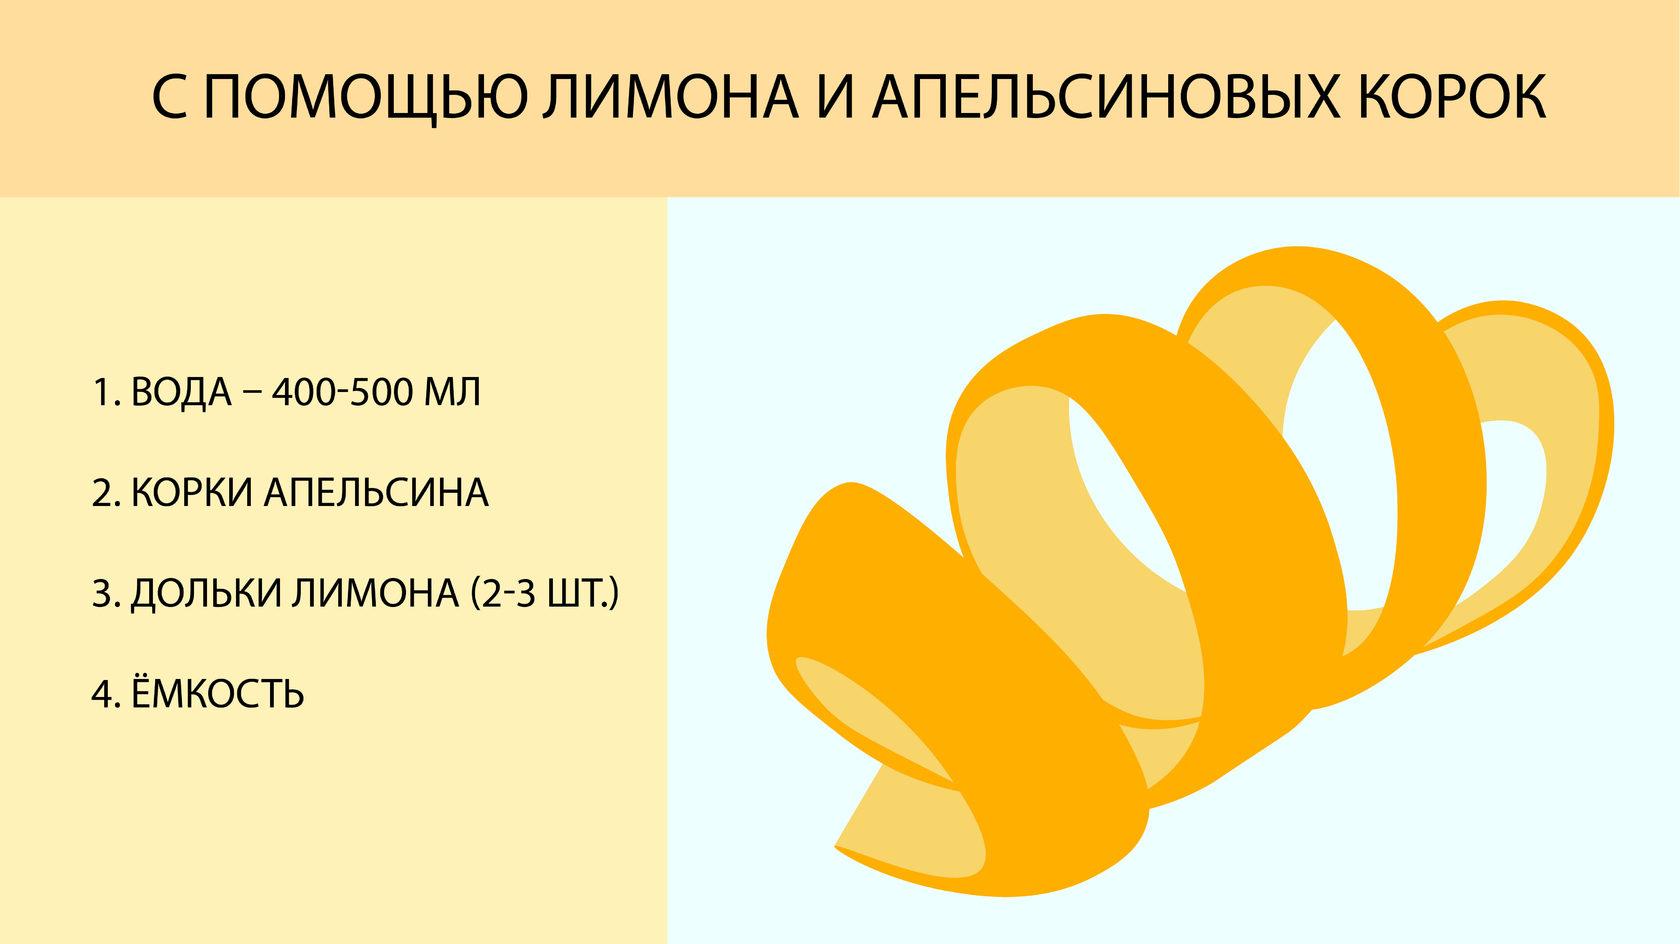 как отмыть микроволновку с помощью лимона и апельсиновых корок